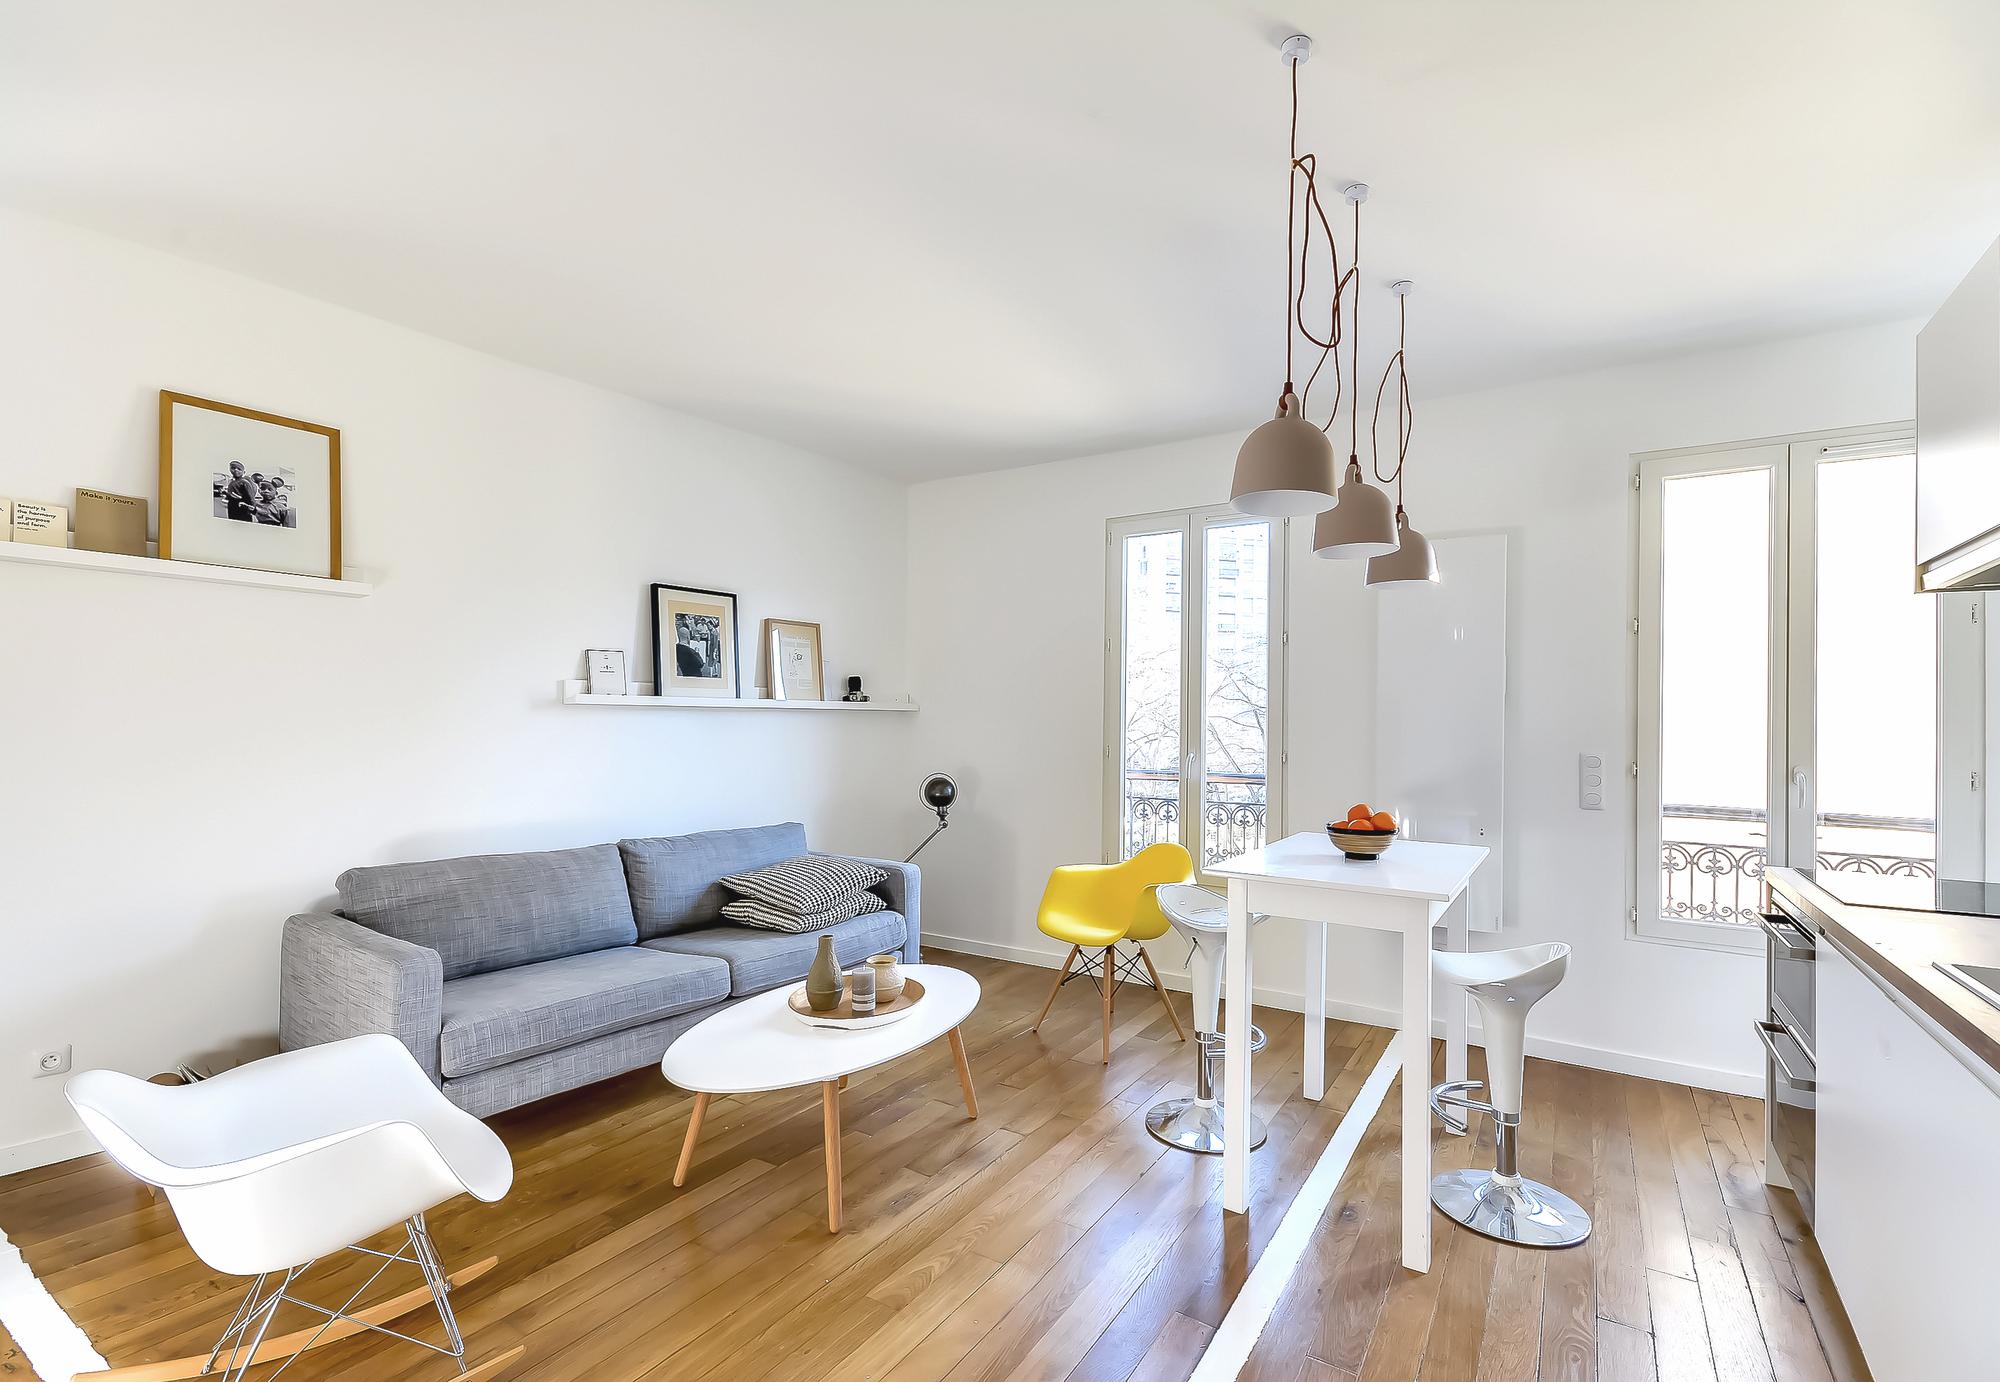 fabulous m apartment in paris m apartment in paris with dcoration studio 30m2